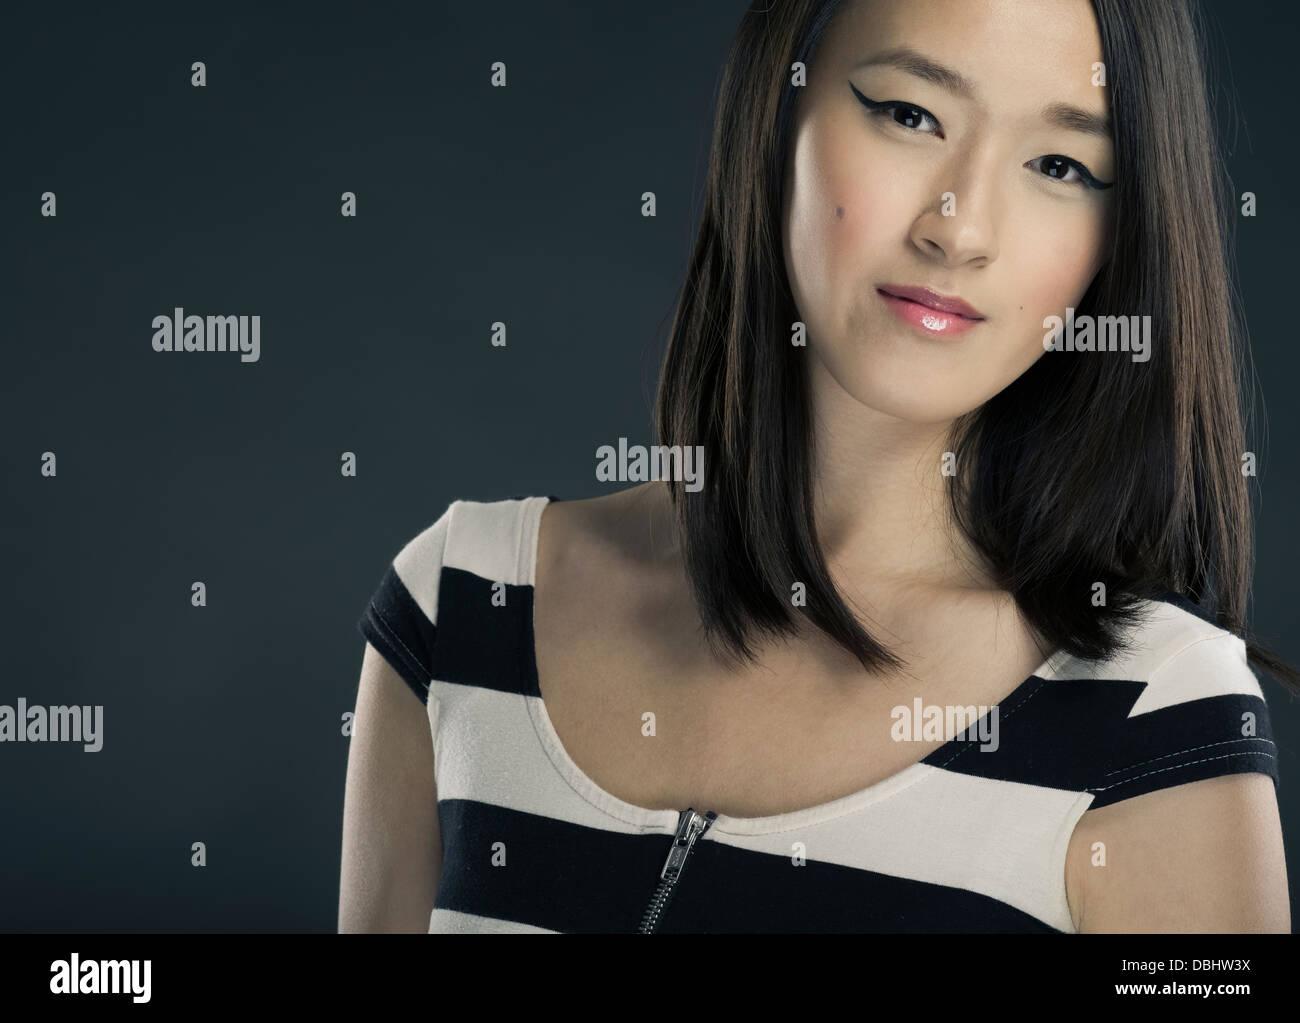 Schöne asiatische Frau mit langen, dunklen Haaren und geflügelten Eye-Liner (Cleopatra-Stil) Stockbild